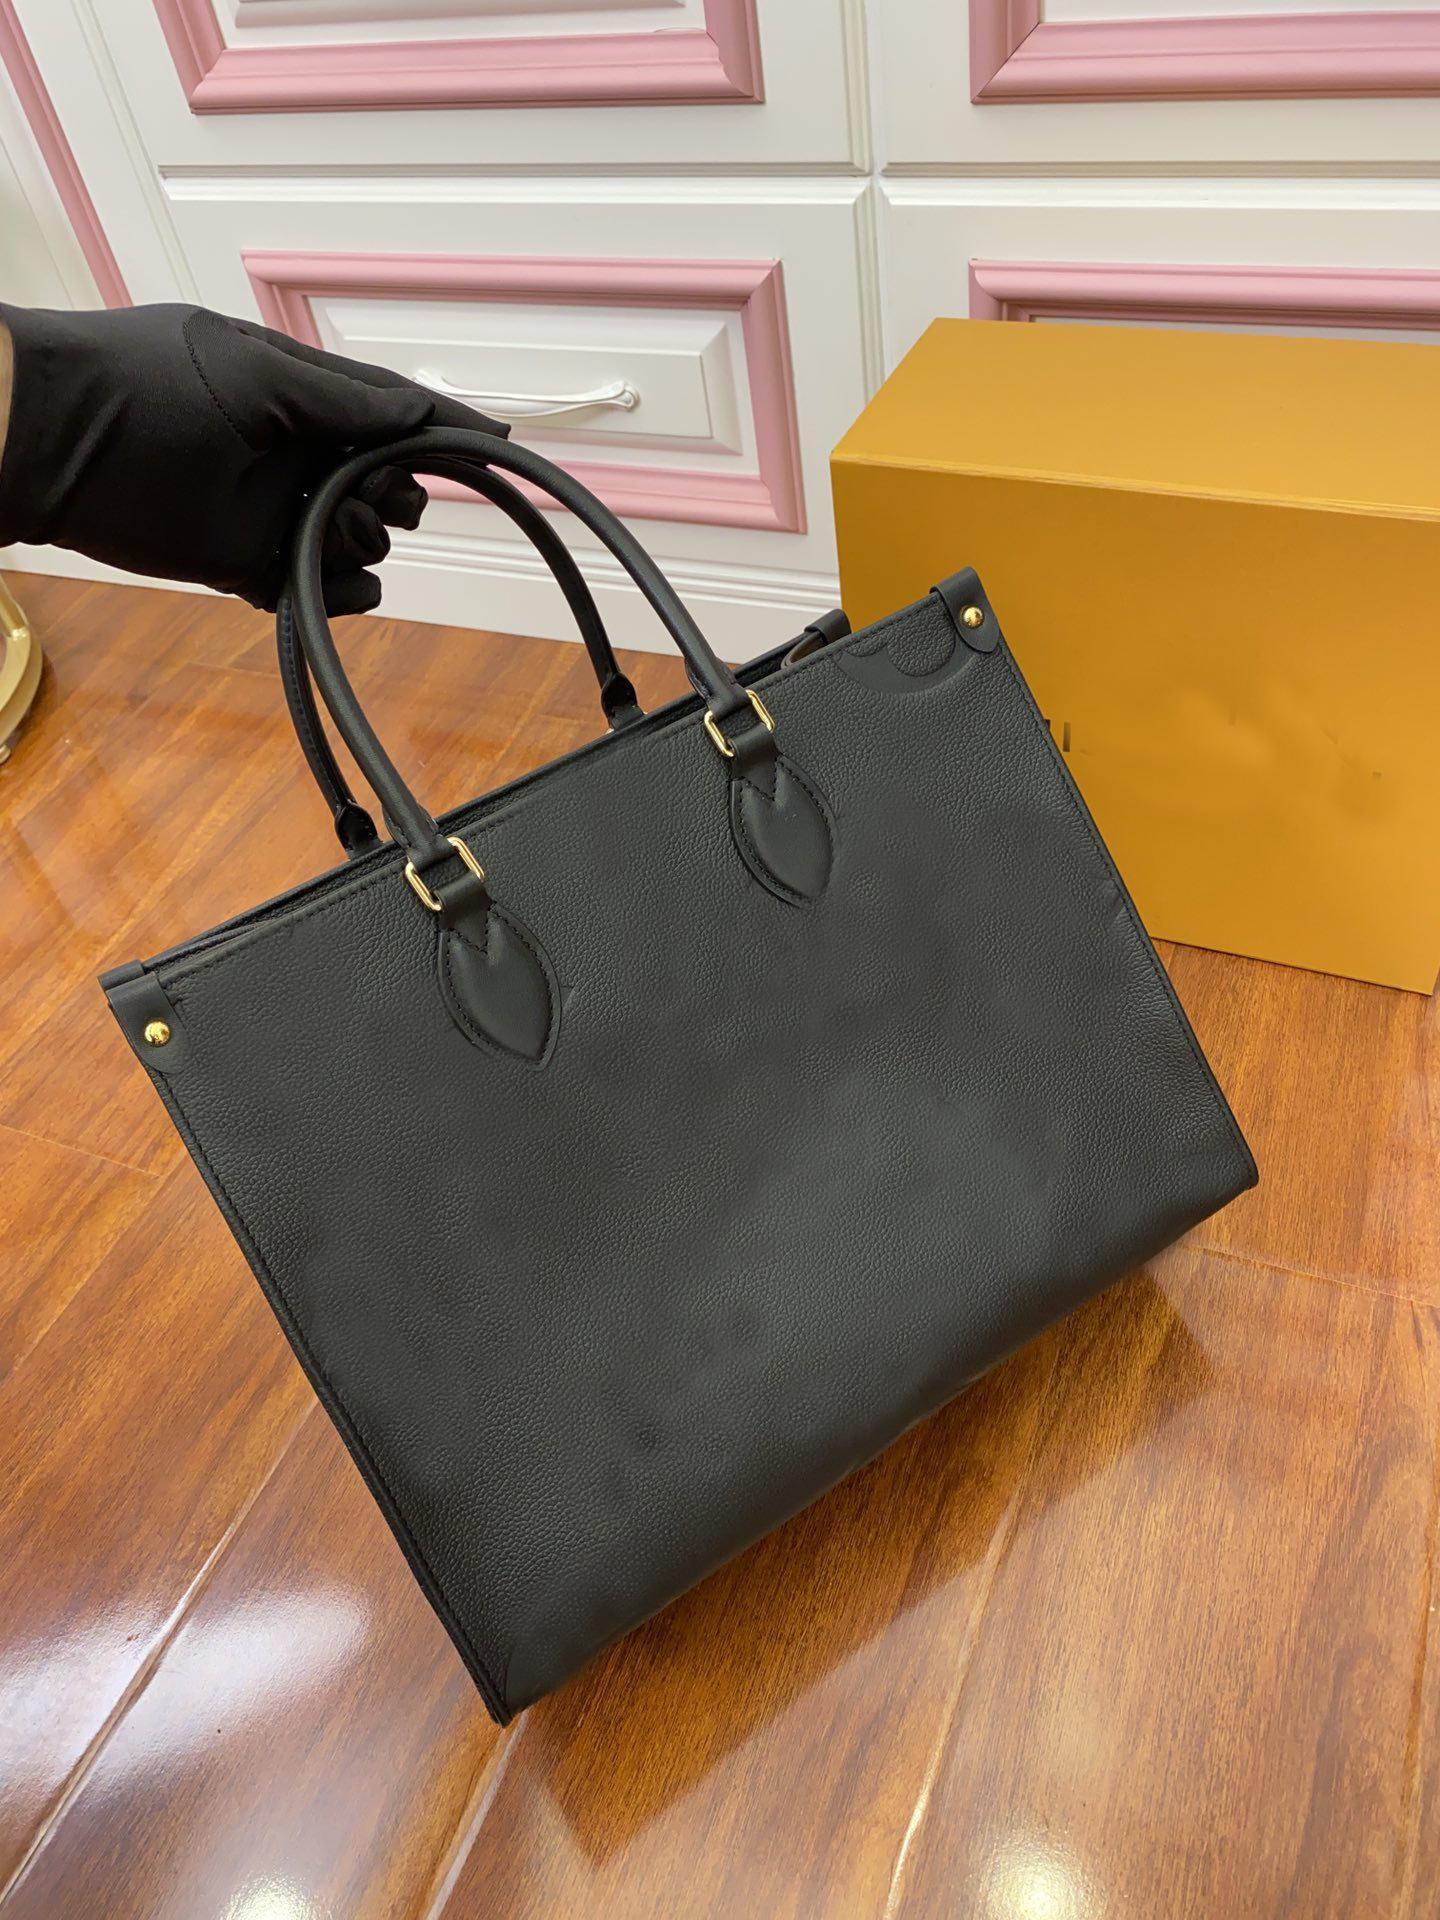 Diseñadores OnThego M44926 Bolsa Bolsas de cuero para mujer Bolsos de lujo Bolso M44925 Totes Mensajero Bolsas de moda Crossbody Billet Diau